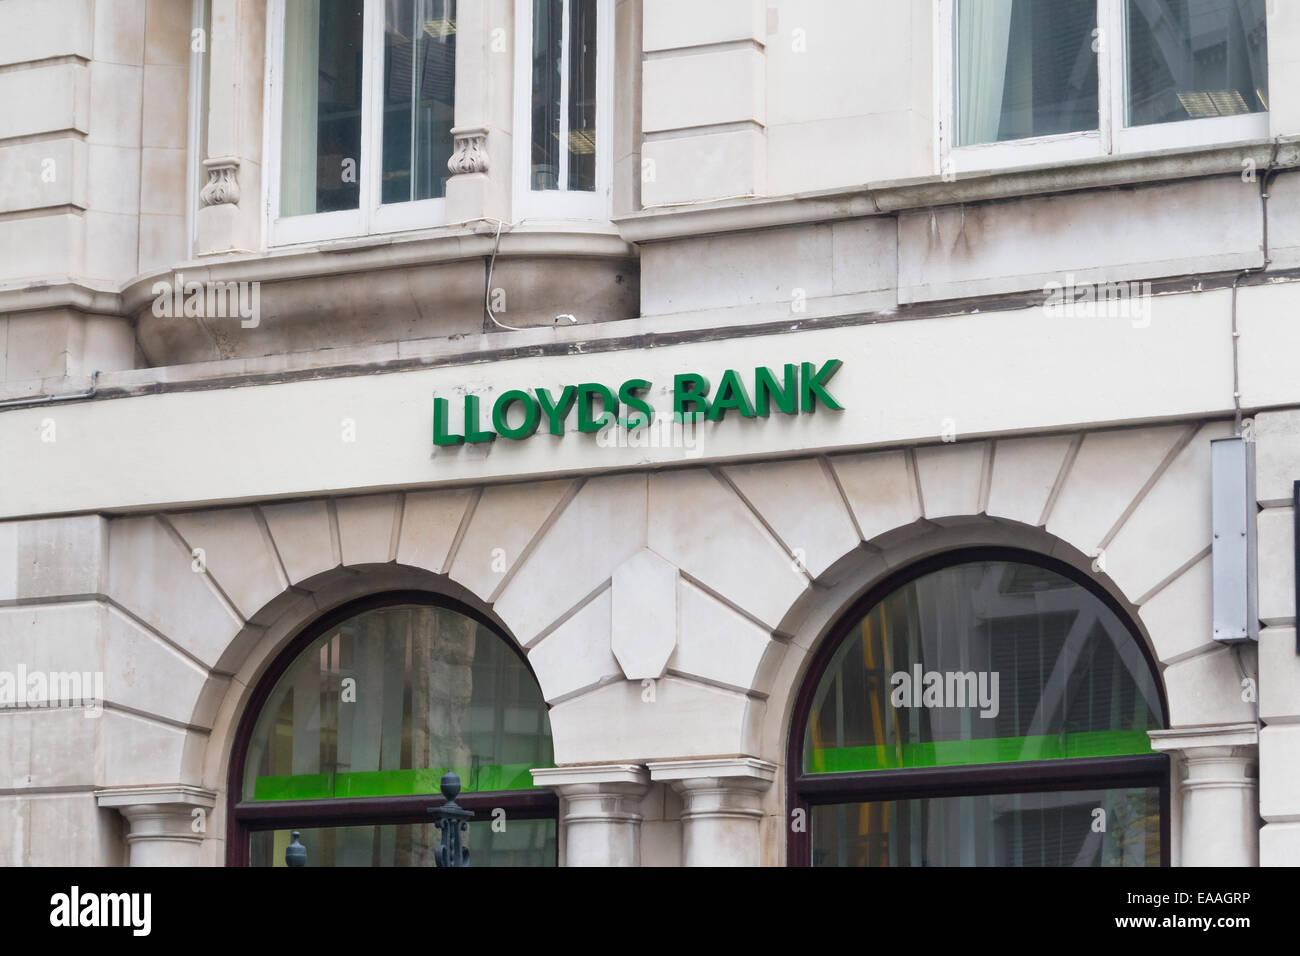 Lloyds bank sign, UK - Stock Image